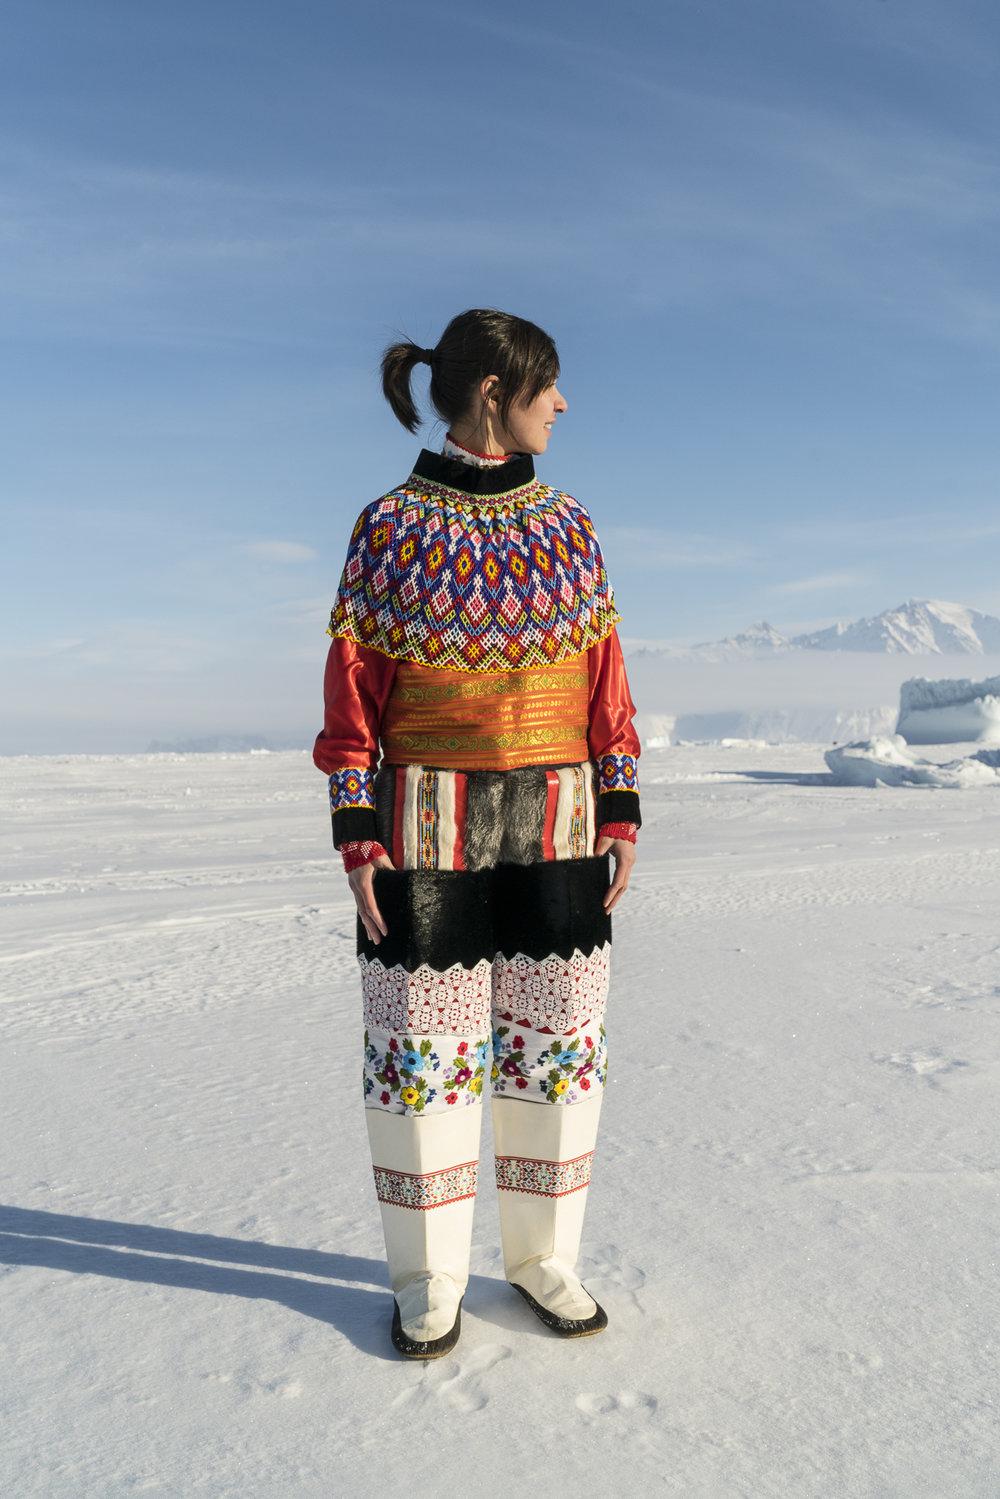 16.Defibaugh_Greenland_Illorsuit_c_3_1.jpg